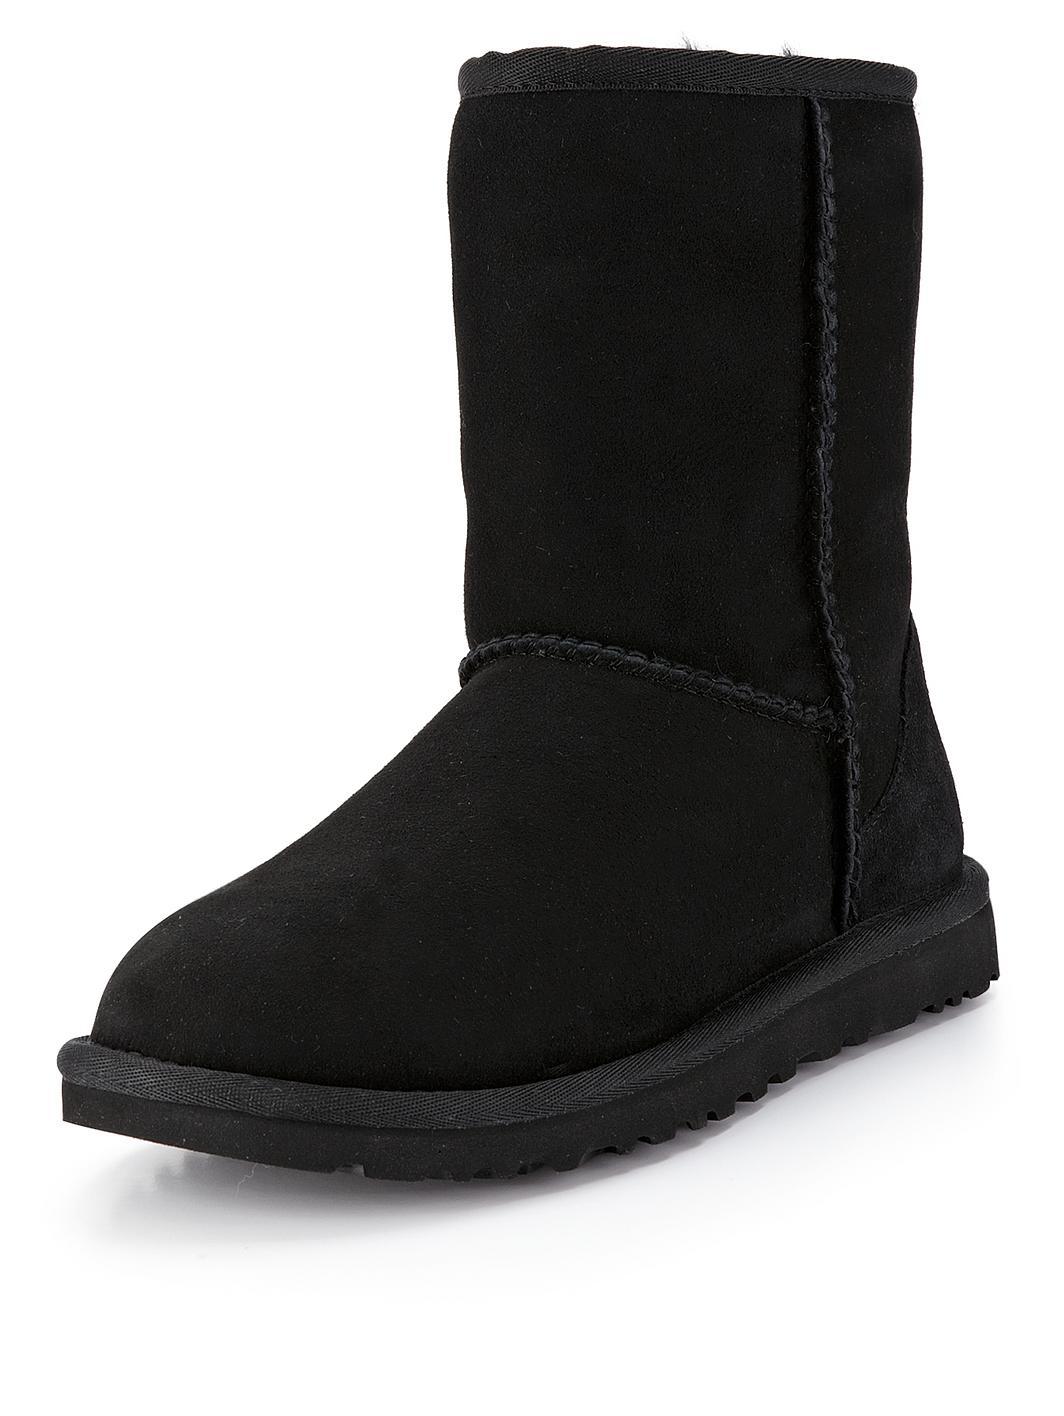 ugg black slippers uk